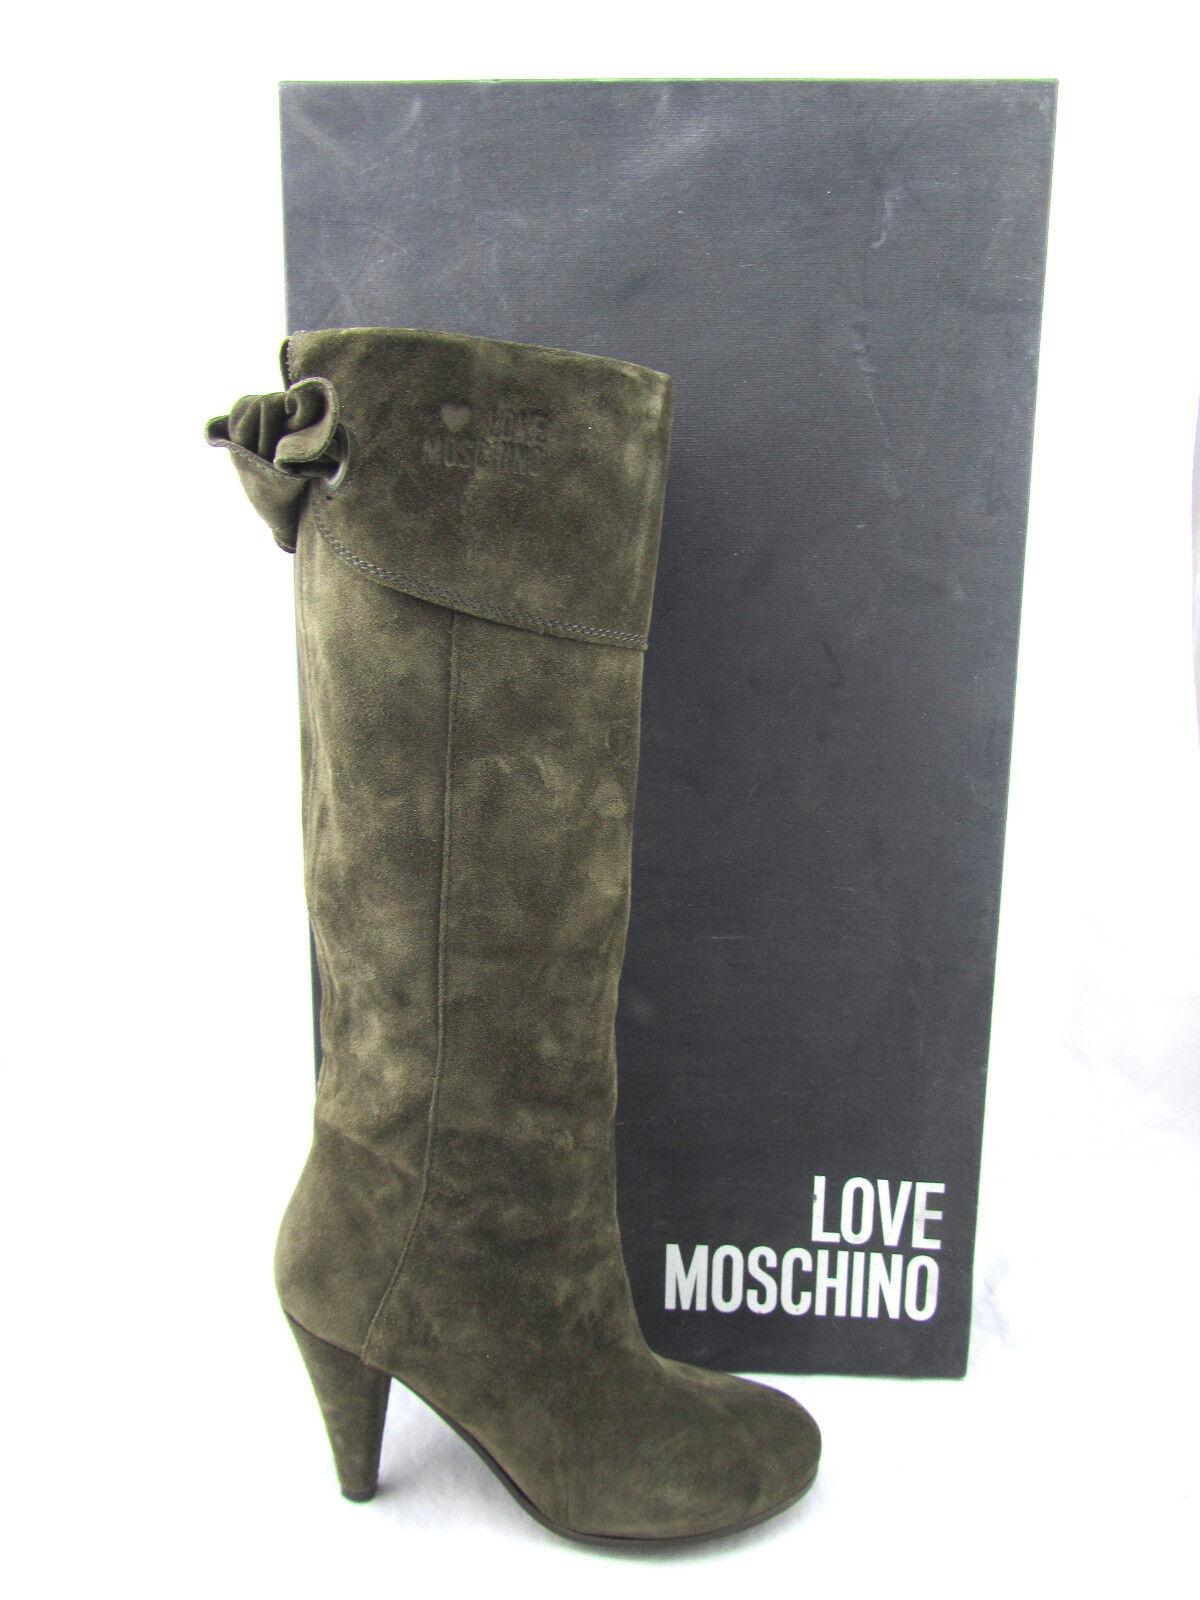 Love Moschino Fiocco marrón barro Gamuza Arco Cuero Arco Gamuza Botas hasta la rodilla Italia 6.5 69c7dd